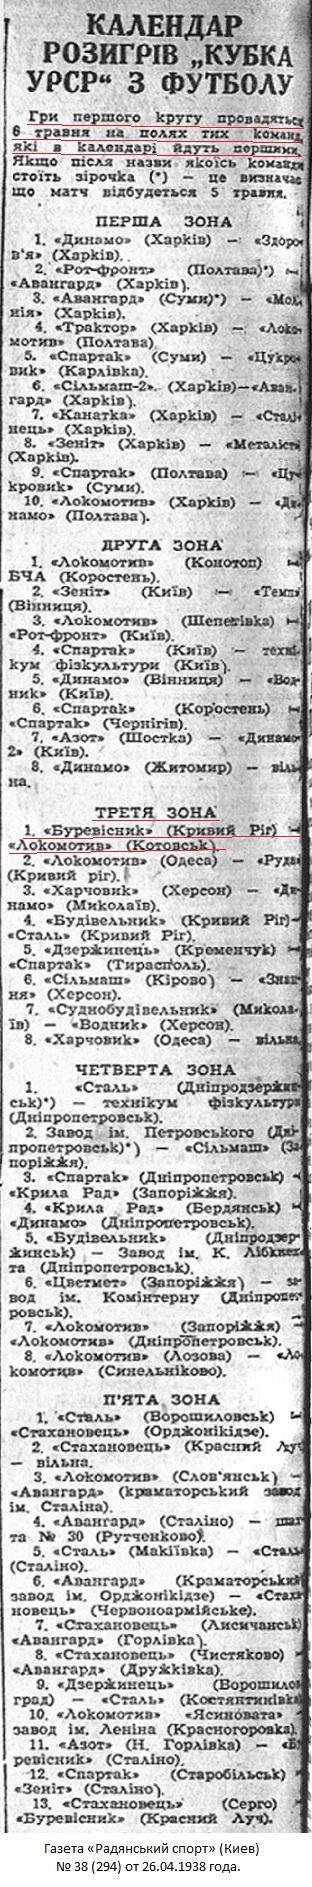 Буревестник (Кривой Рог) - Локомотив (Котовск) 3:3 д.в.